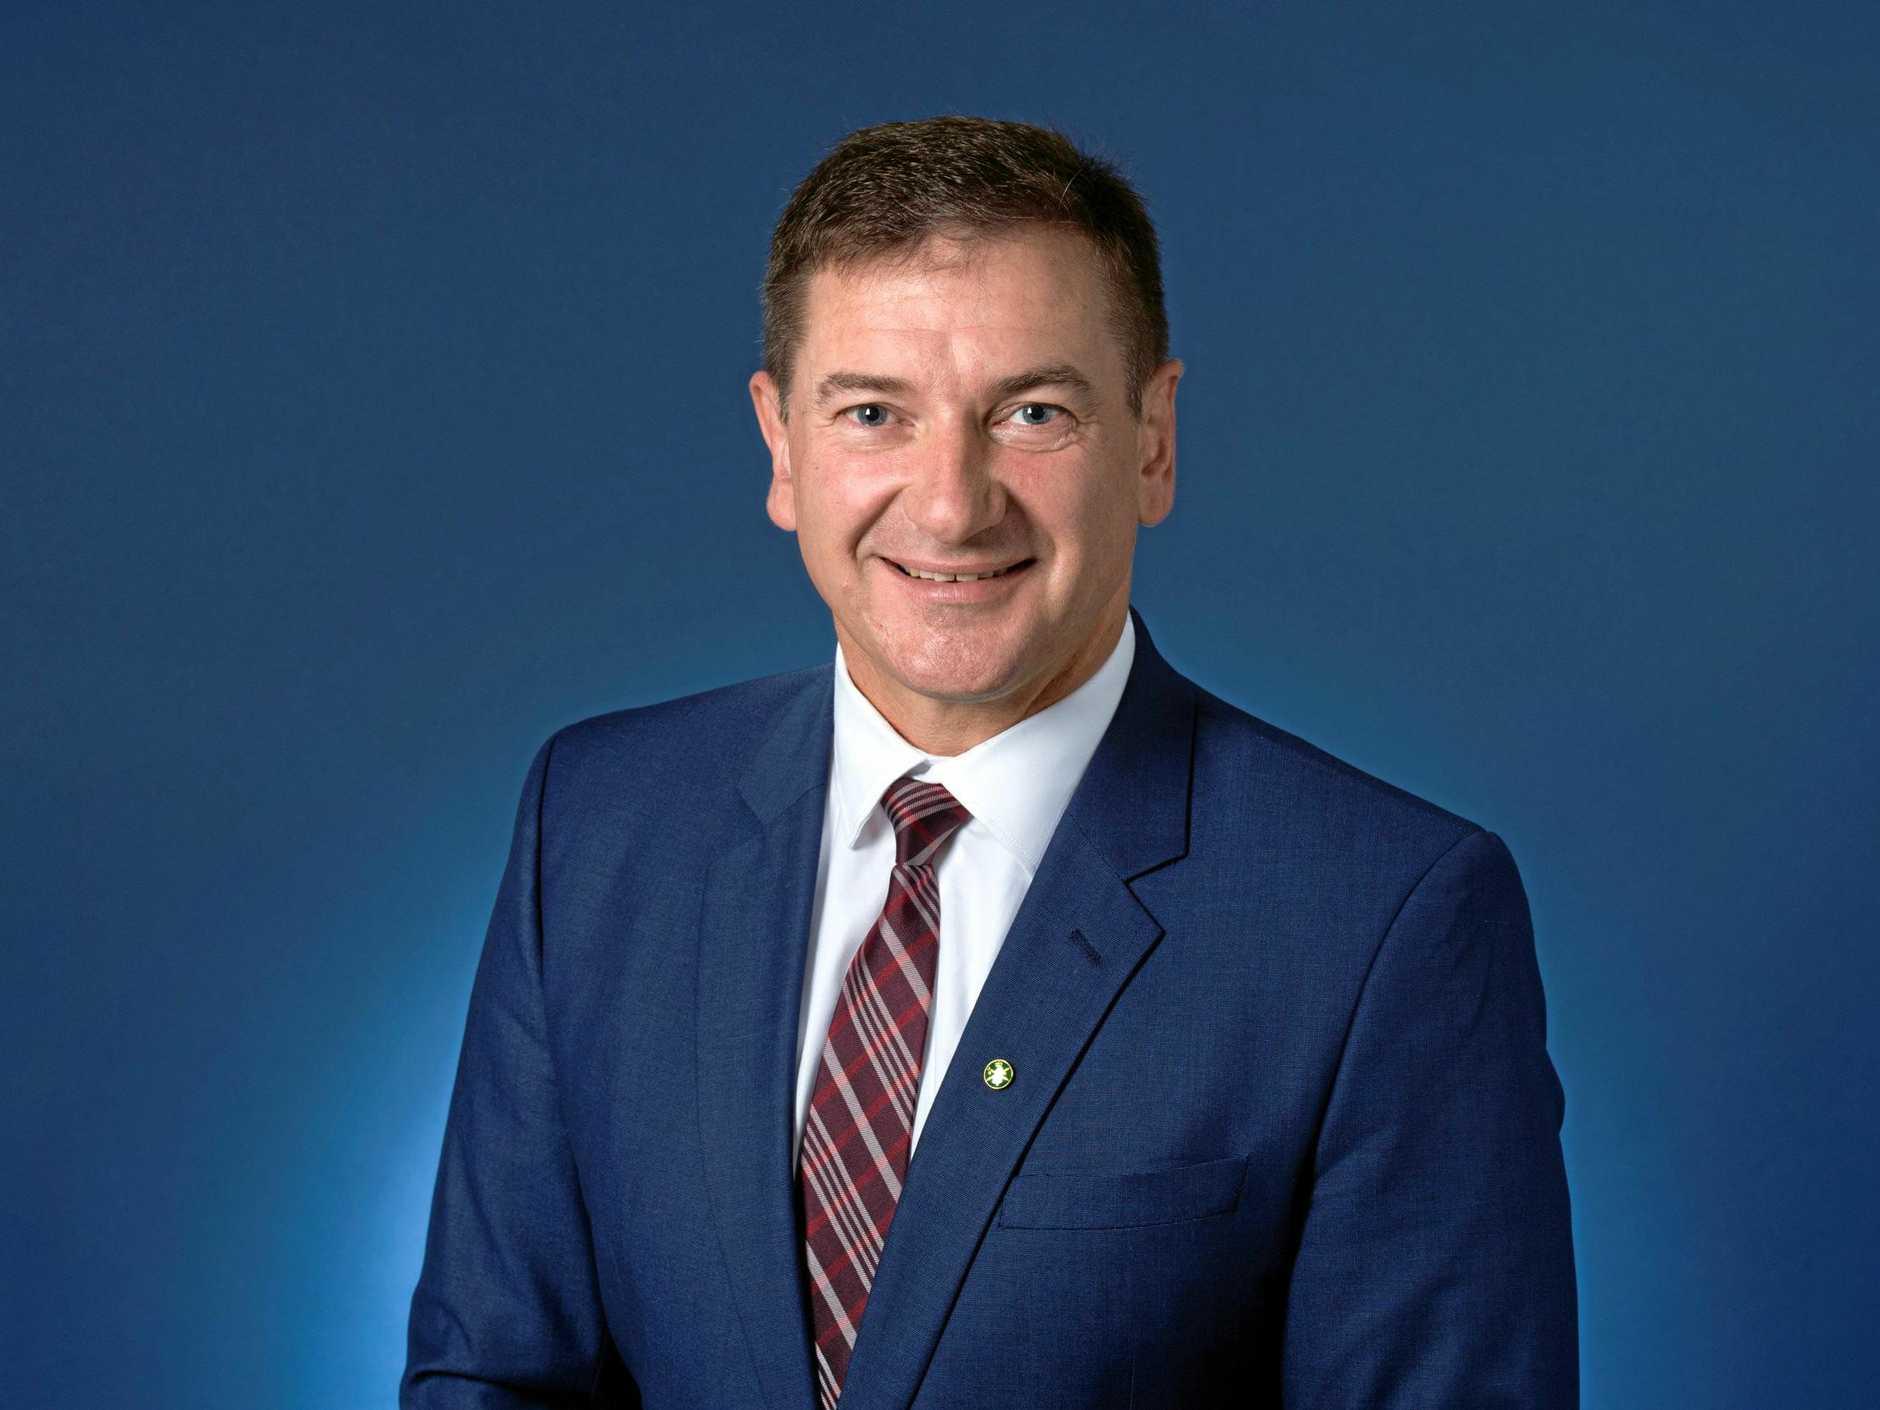 Wide Bay MP Llew O'Brien.